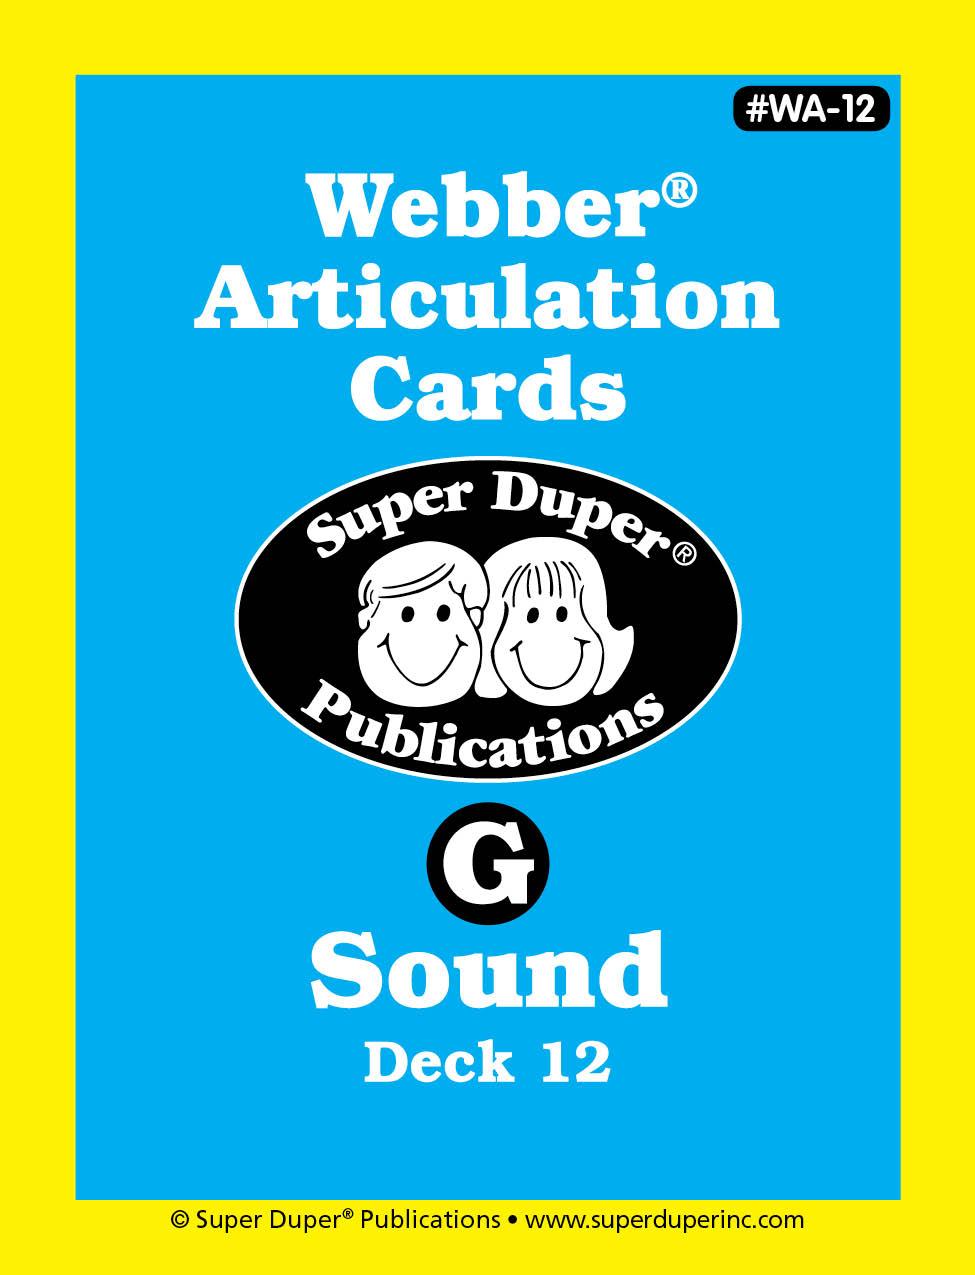 Webber Articulation Cards - G